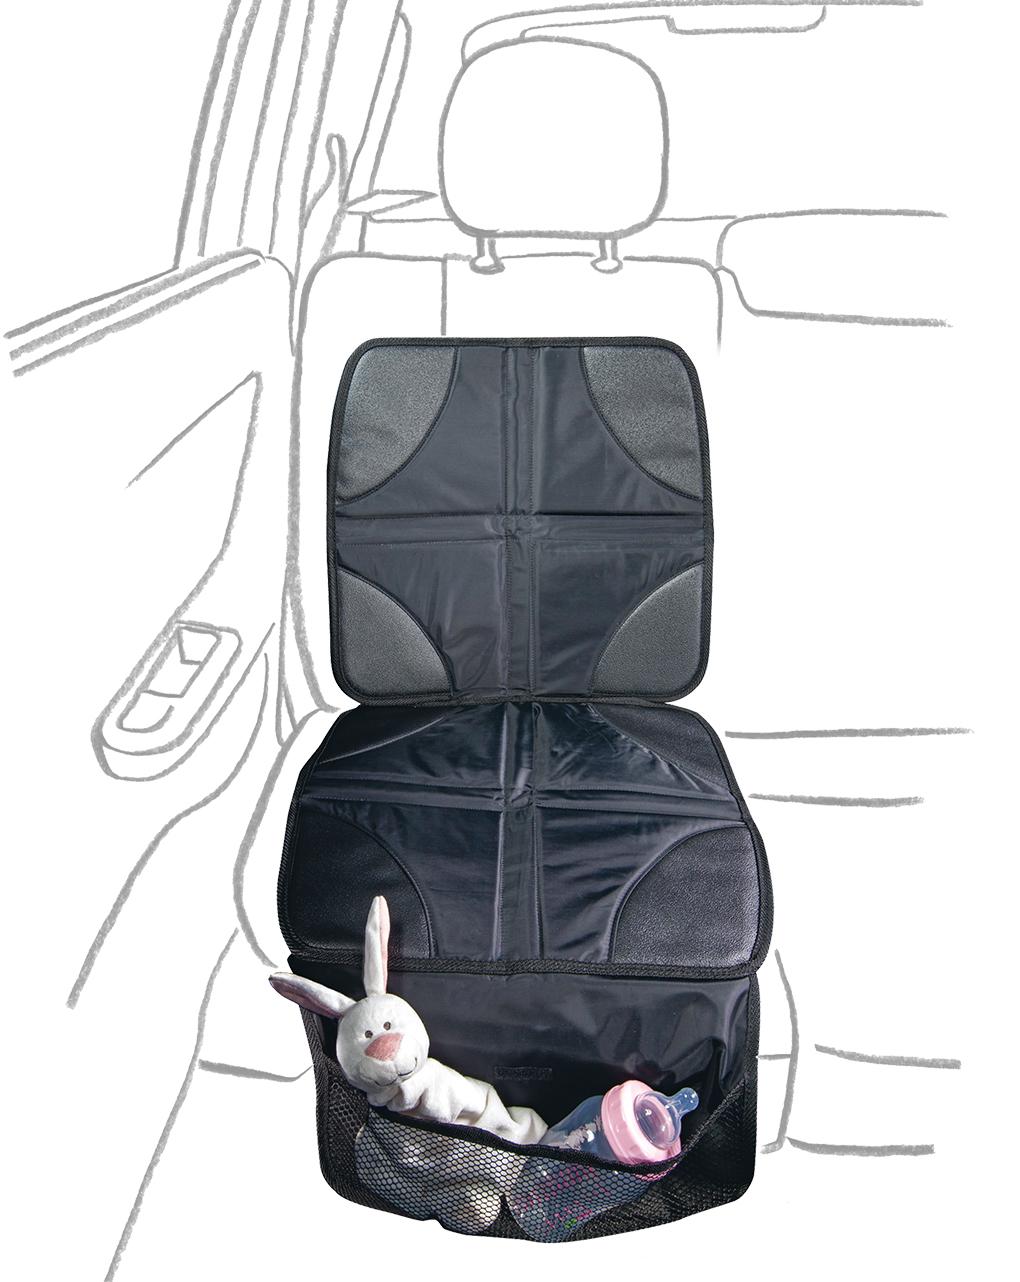 Protetor de assento deluxe - Giordani